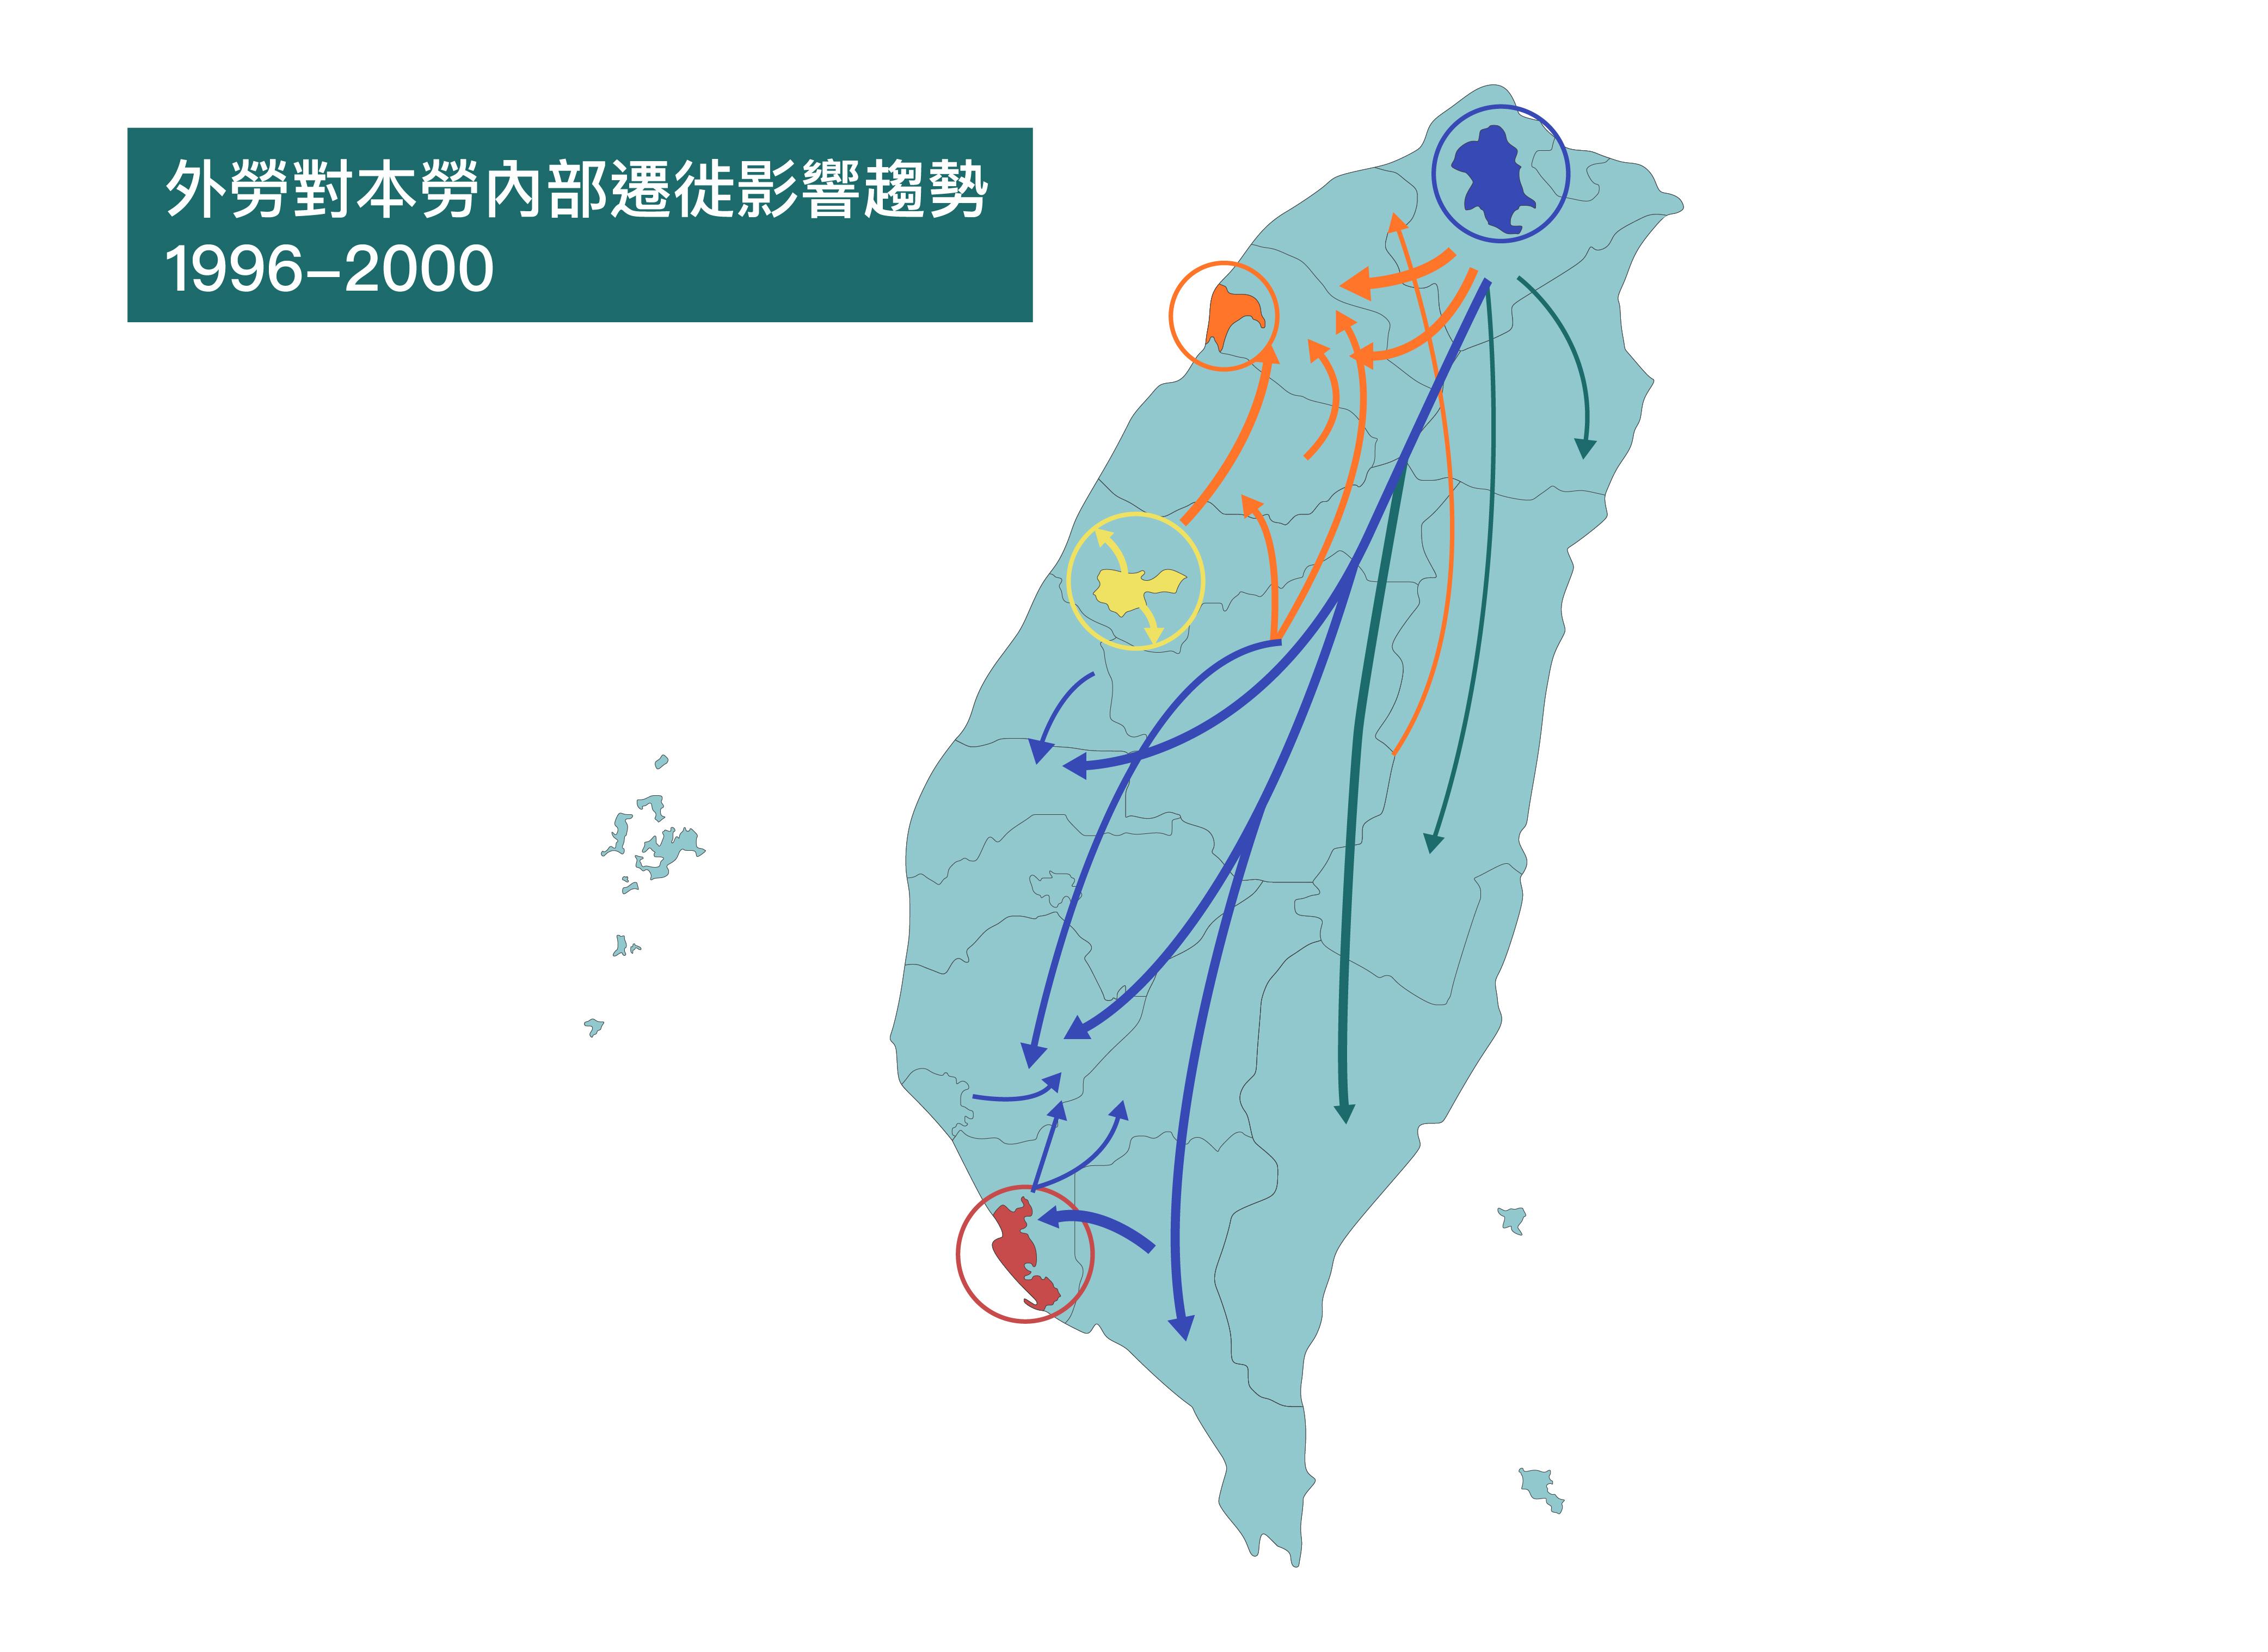 「人力運用擬-追蹤調查資料庫」分析結果顯示,1996-2000 年代,因外籍勞工遷入大臺北地區,本地勞工轉而遷徙至南部、東部找出路。圖│研之有物(資料來源│林季平提供)